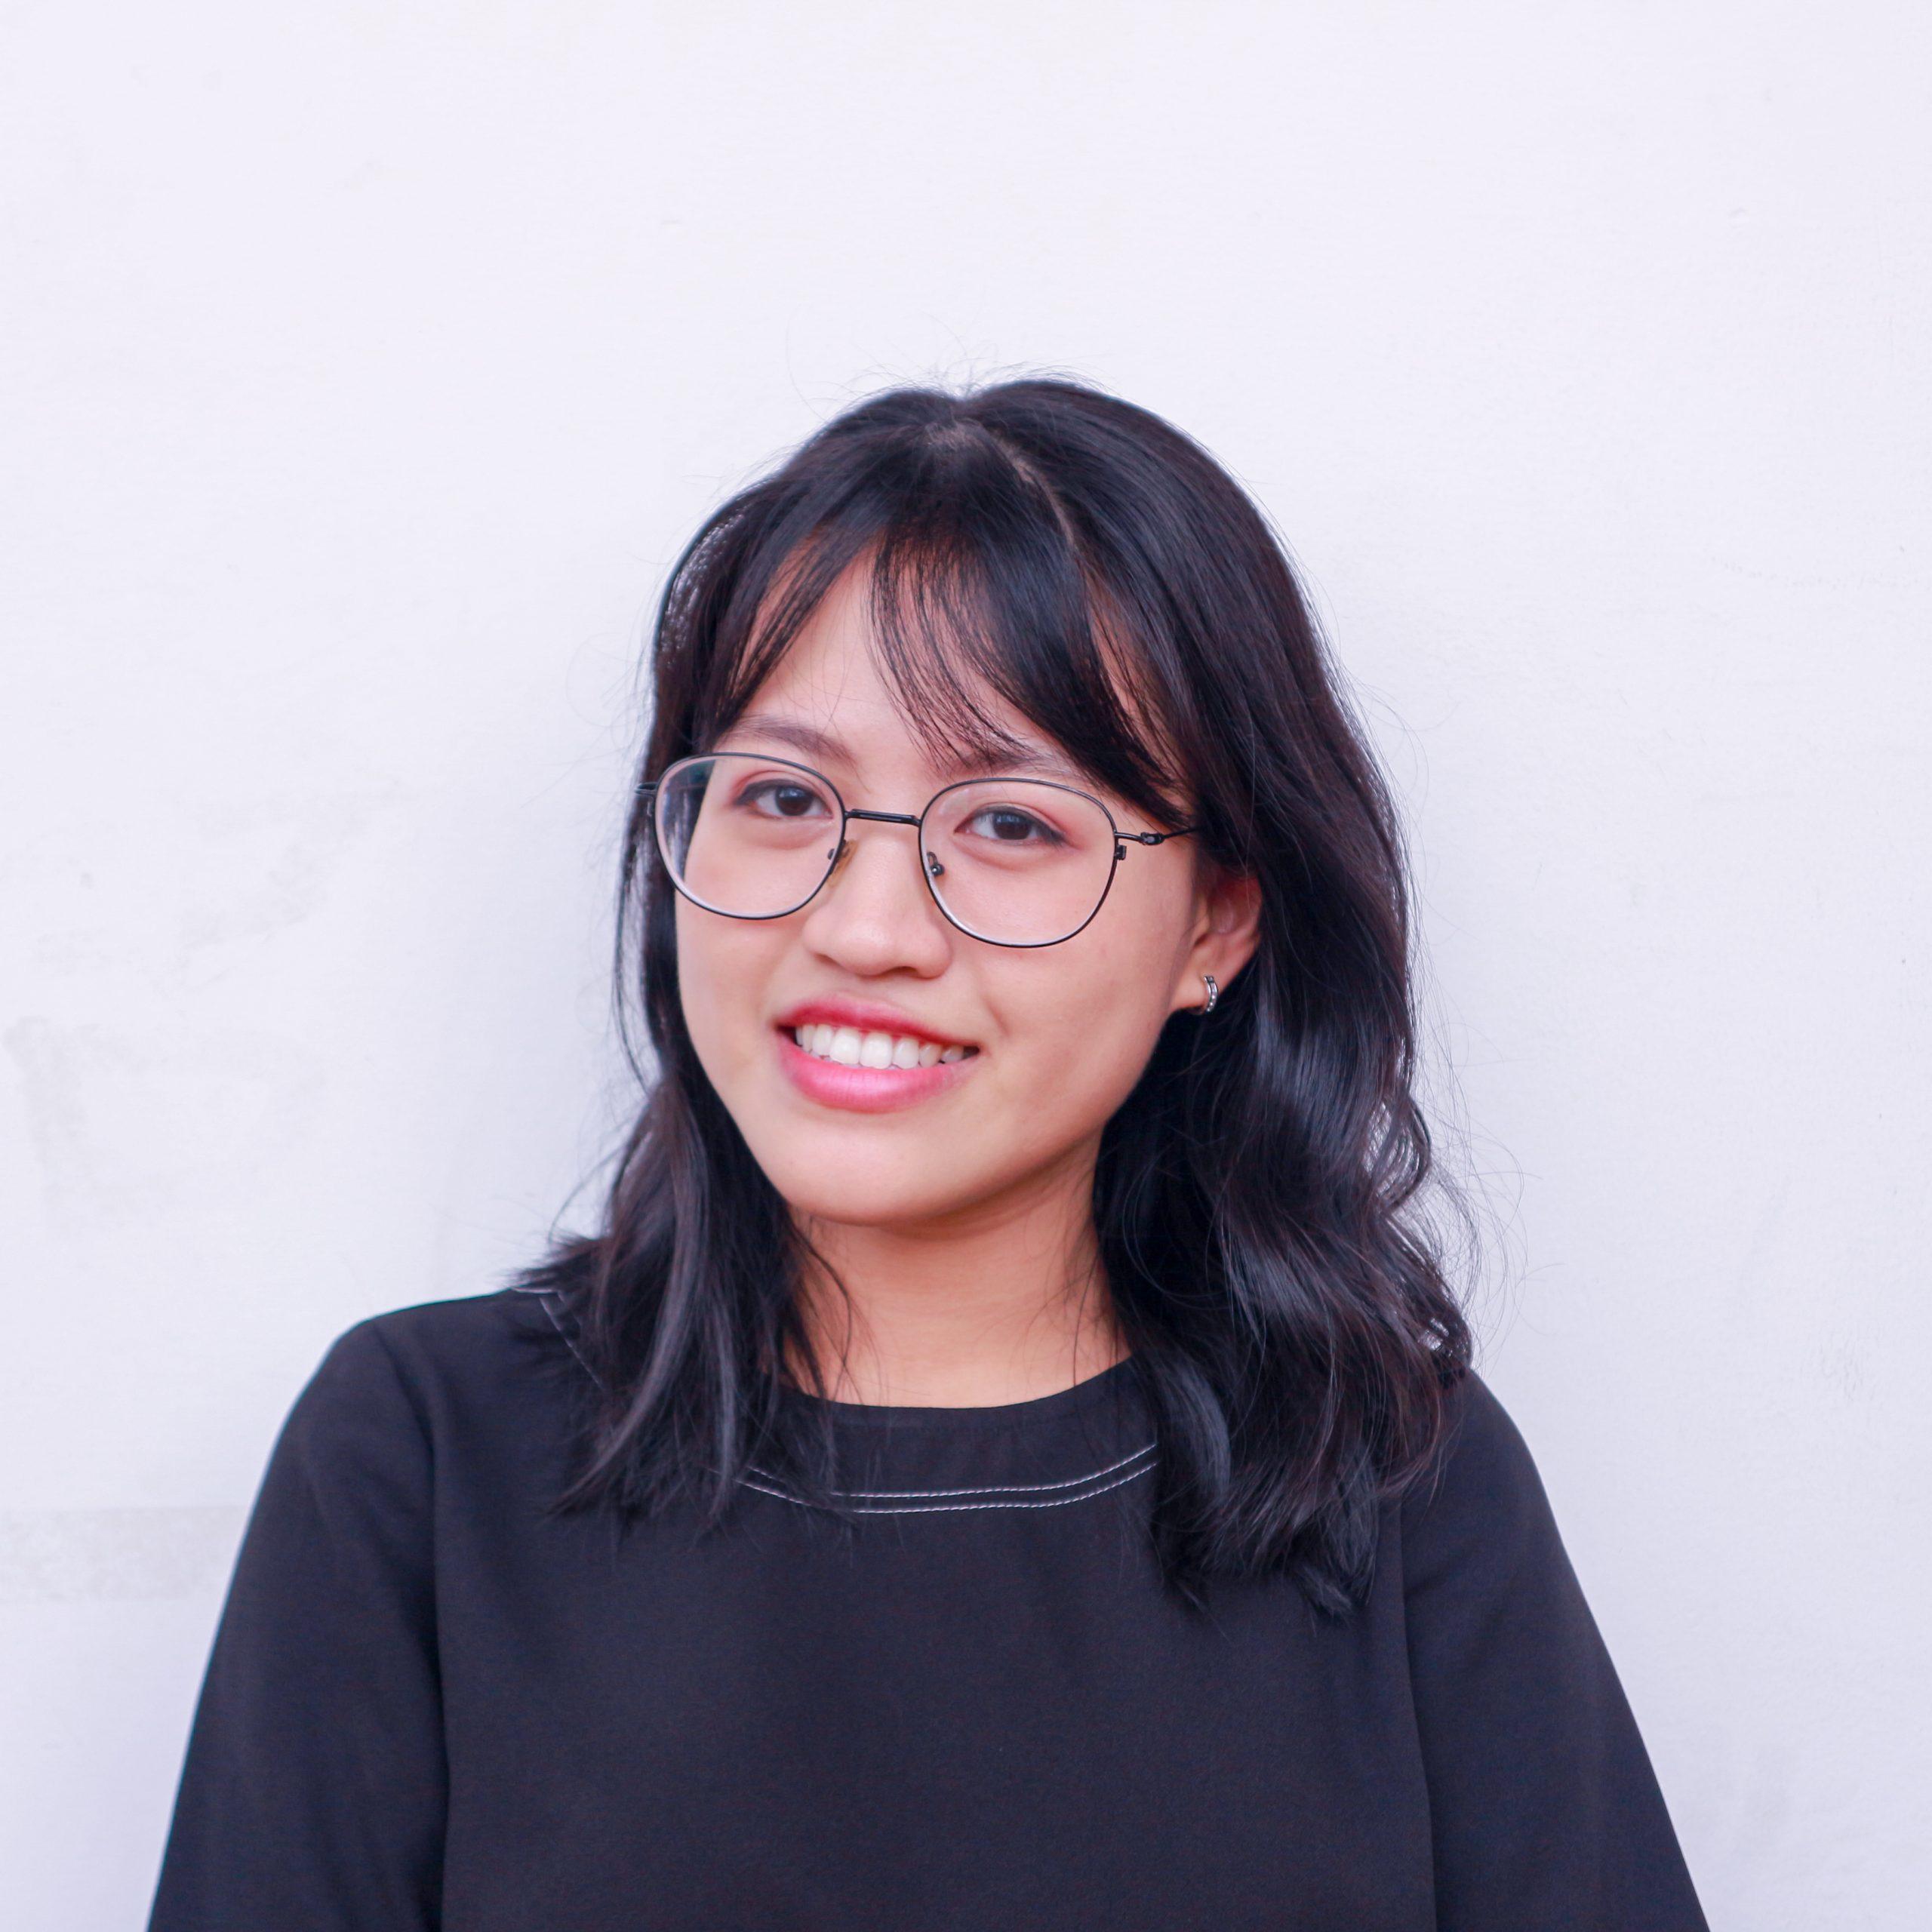 Photo by Đỗ Ngọc Tú Quyên from Pexels